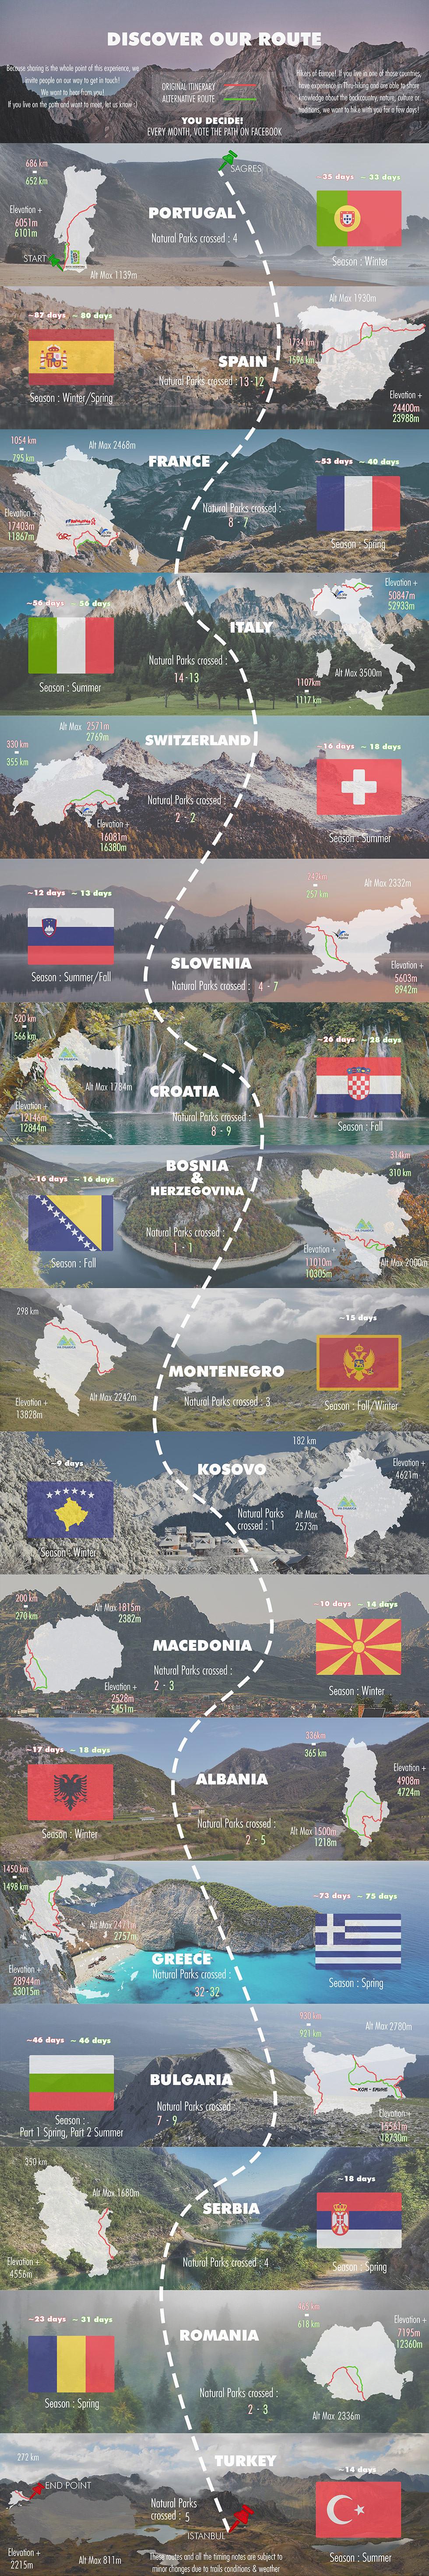 2PVA's itinerary